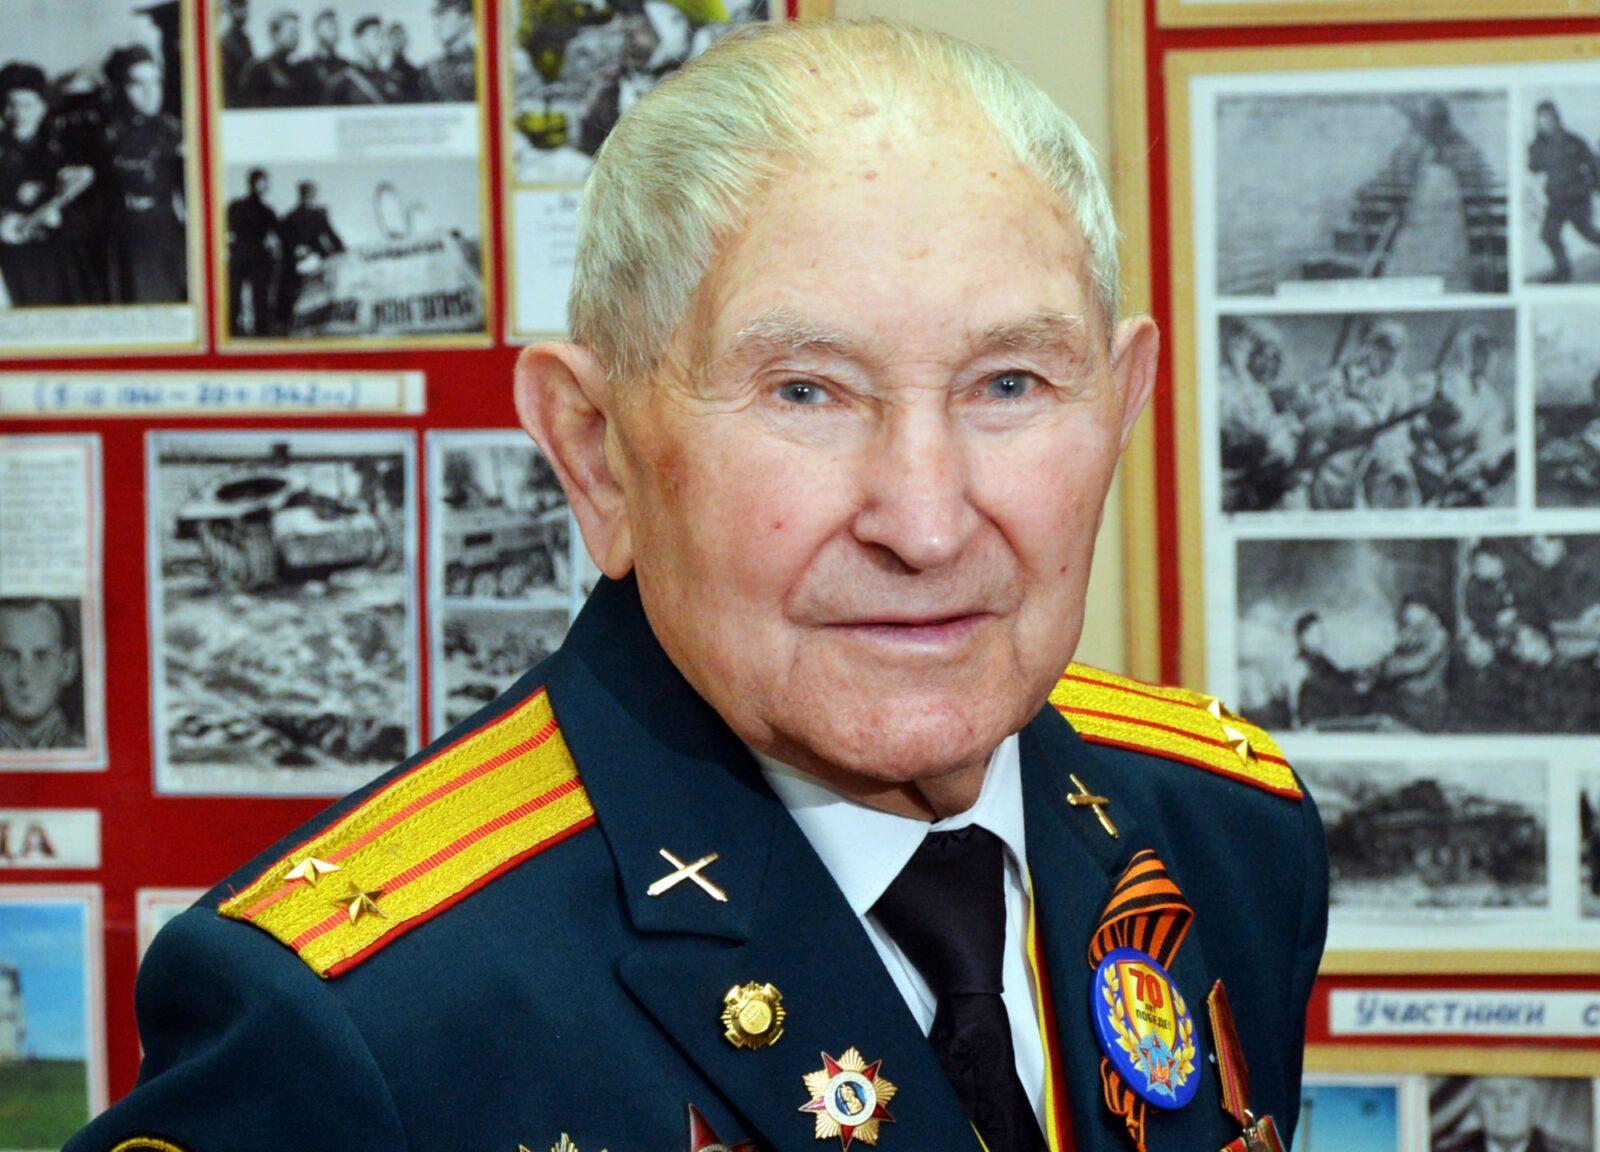 Иван Кладкевич: Наш губернатор готов ответить на любой вопрос